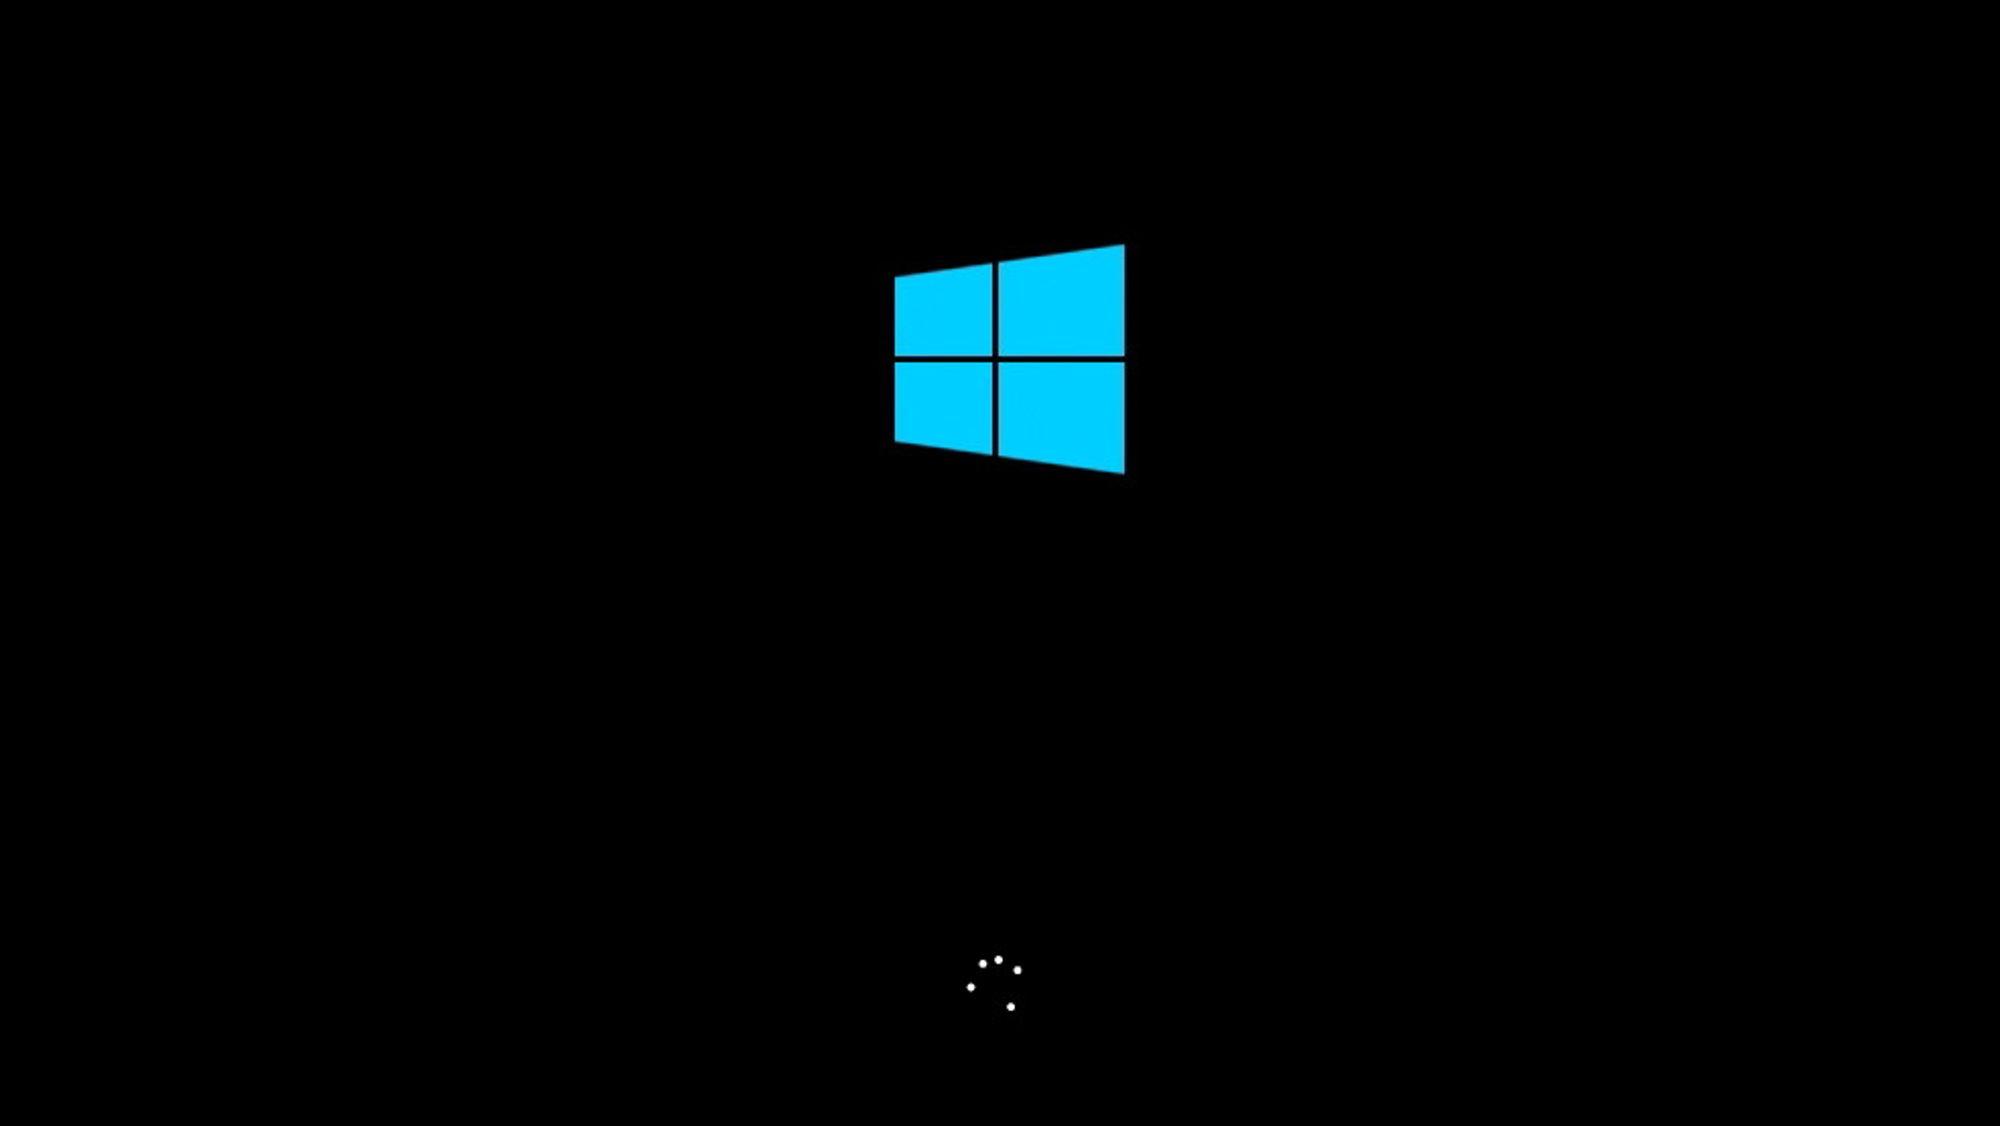 Flere IT-nettsteder sprer rykter om at det lades opp til en ny versjon av Windows veldig snart.